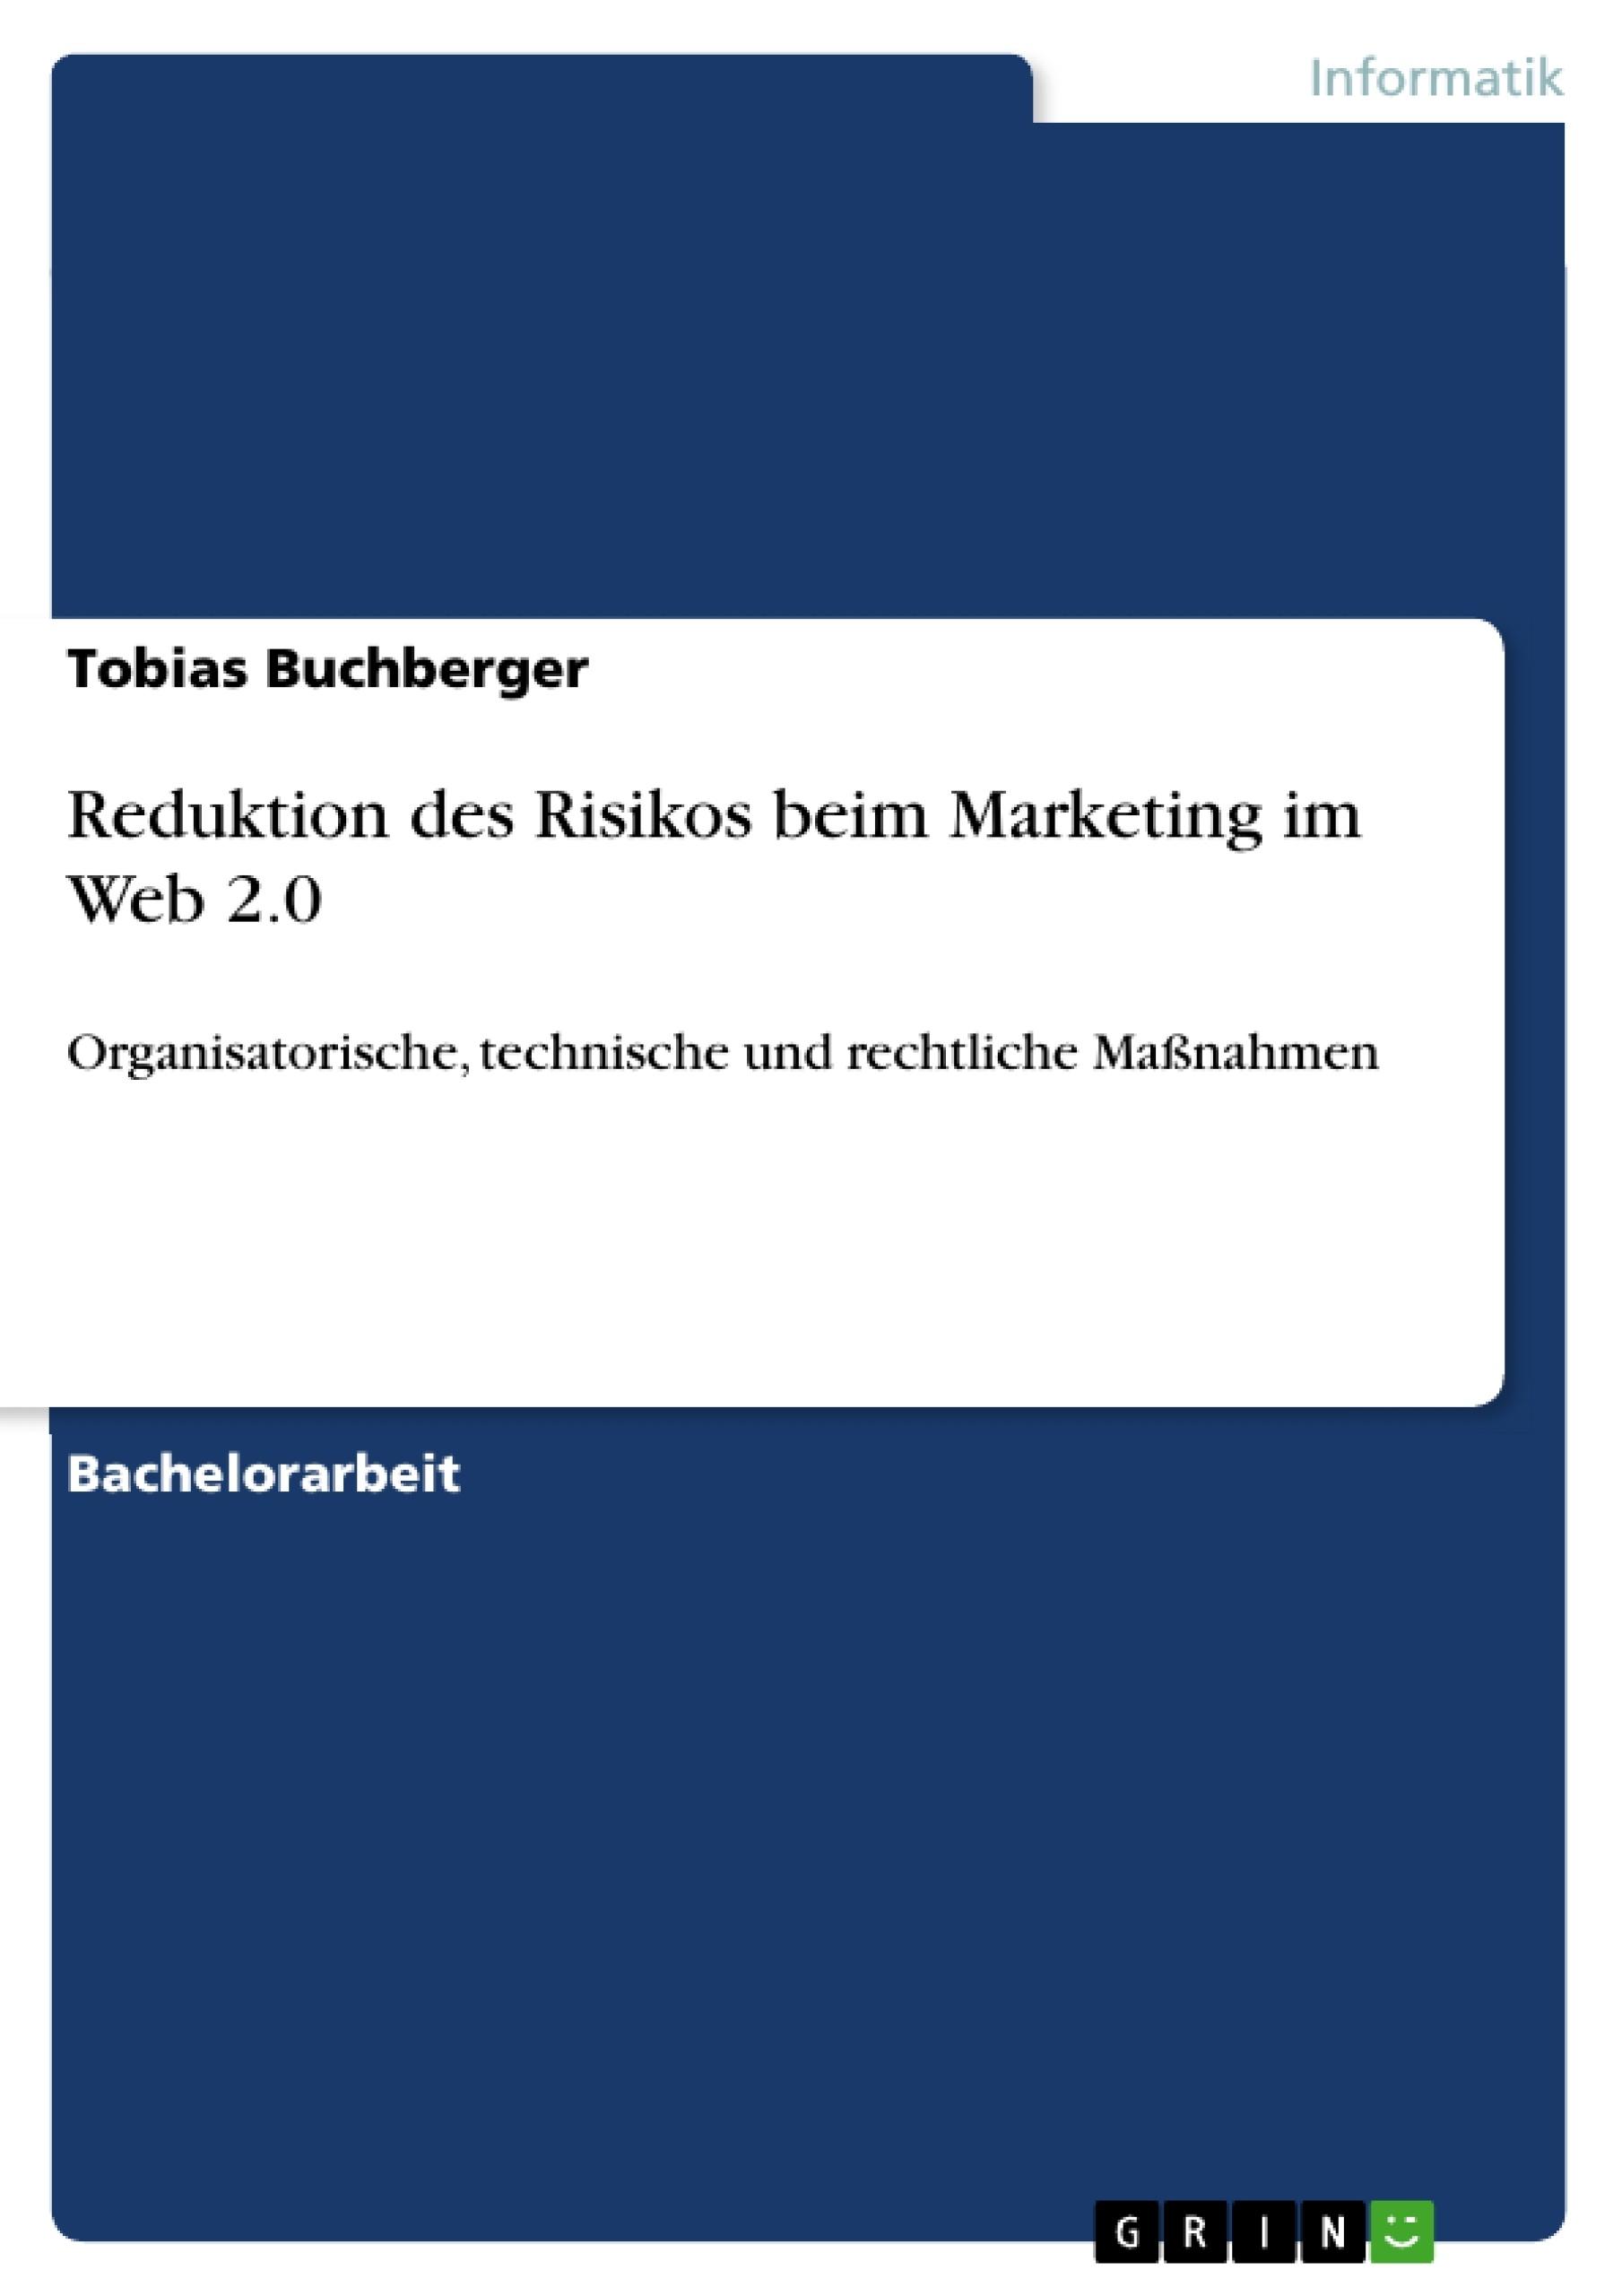 Titel: Reduktion des Risikos beim Marketing im Web 2.0